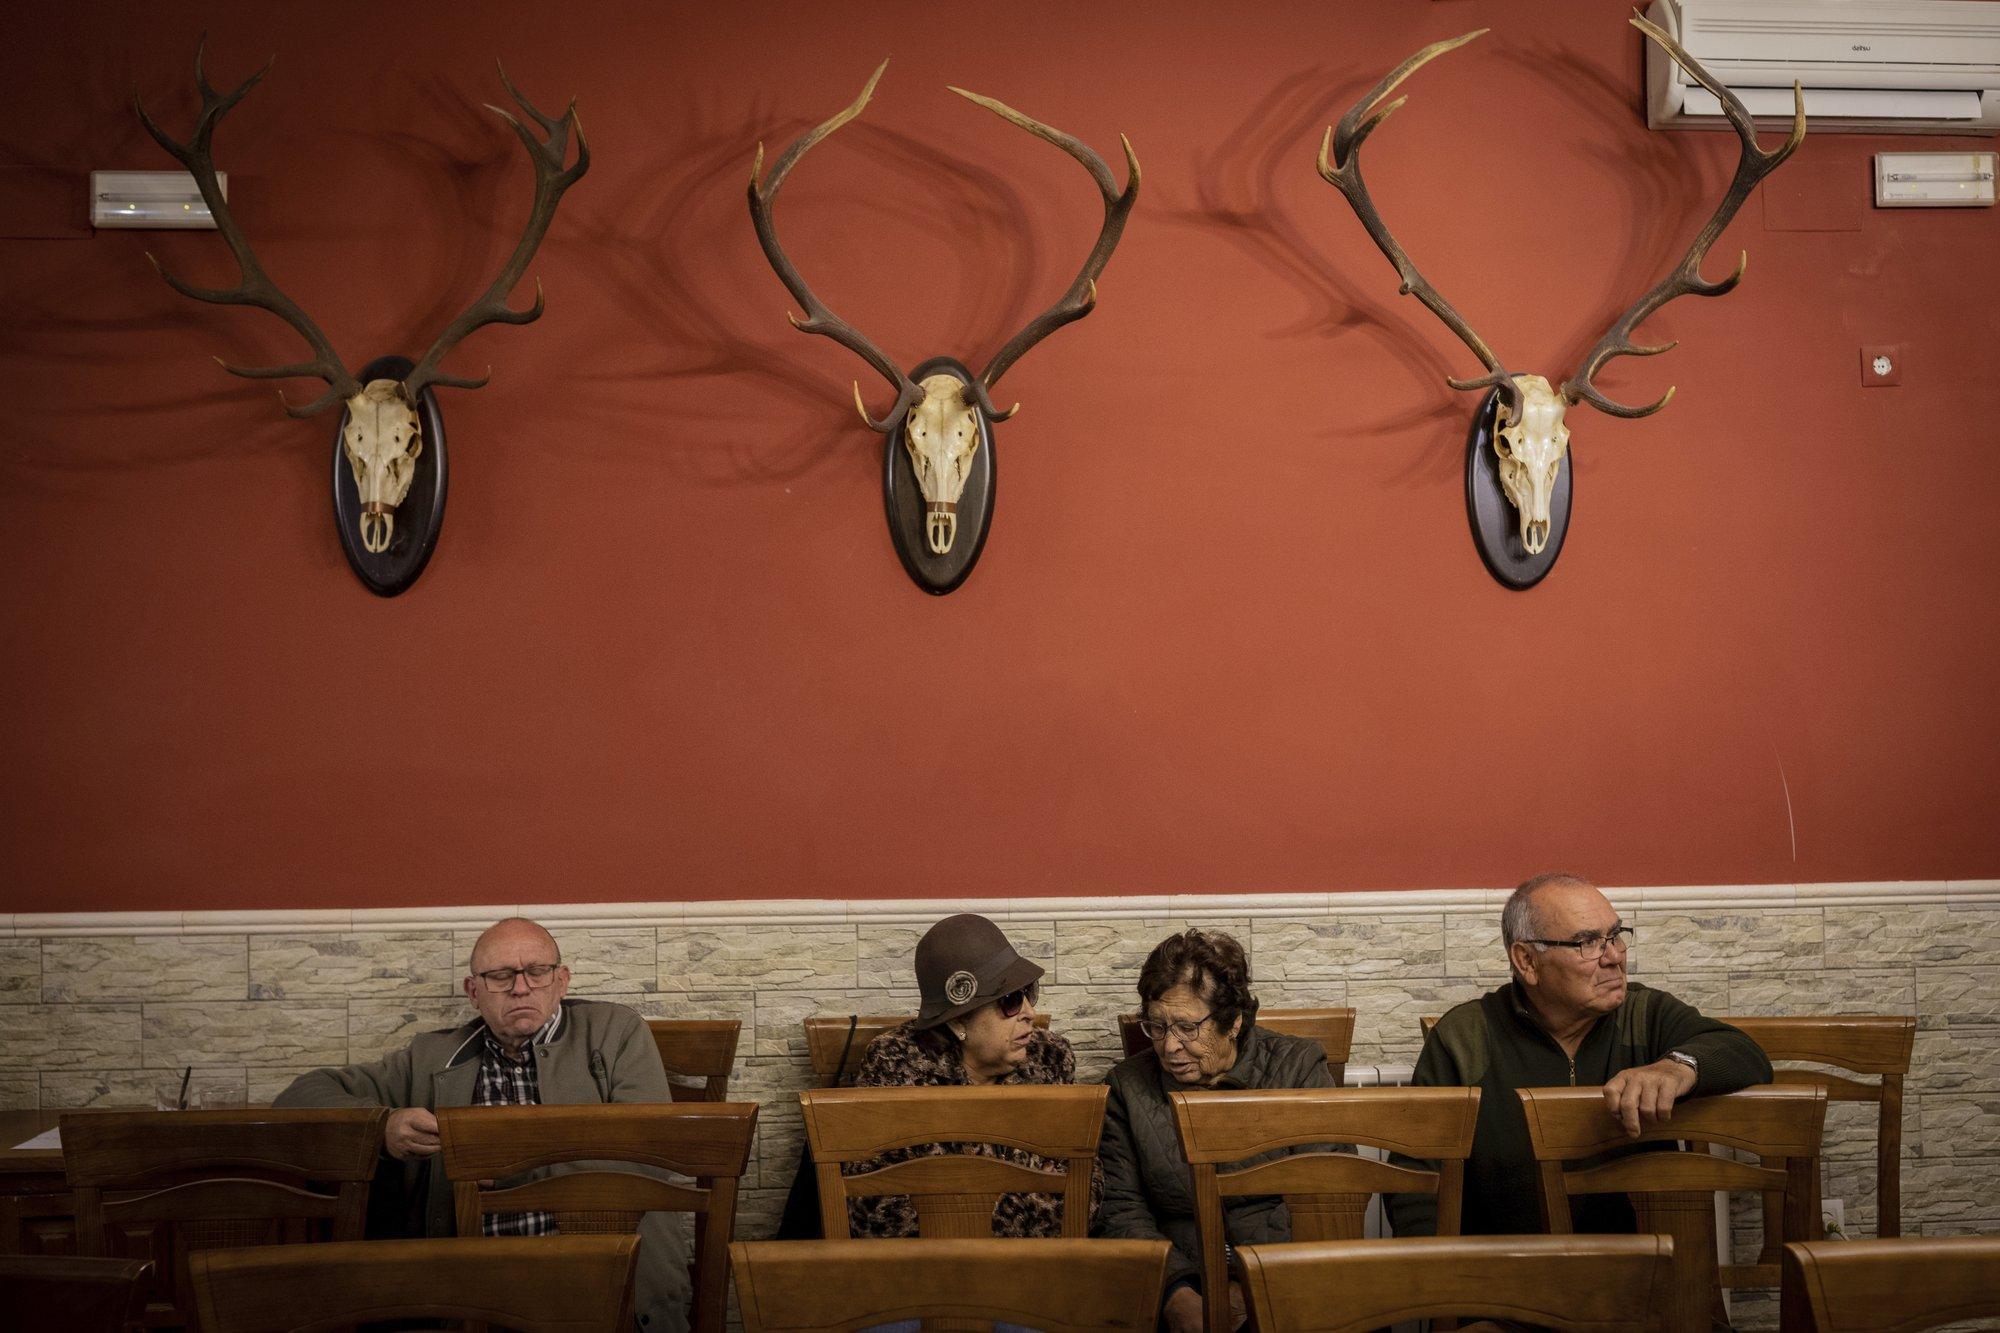 Spain's rural regions become fierce battleground for votes